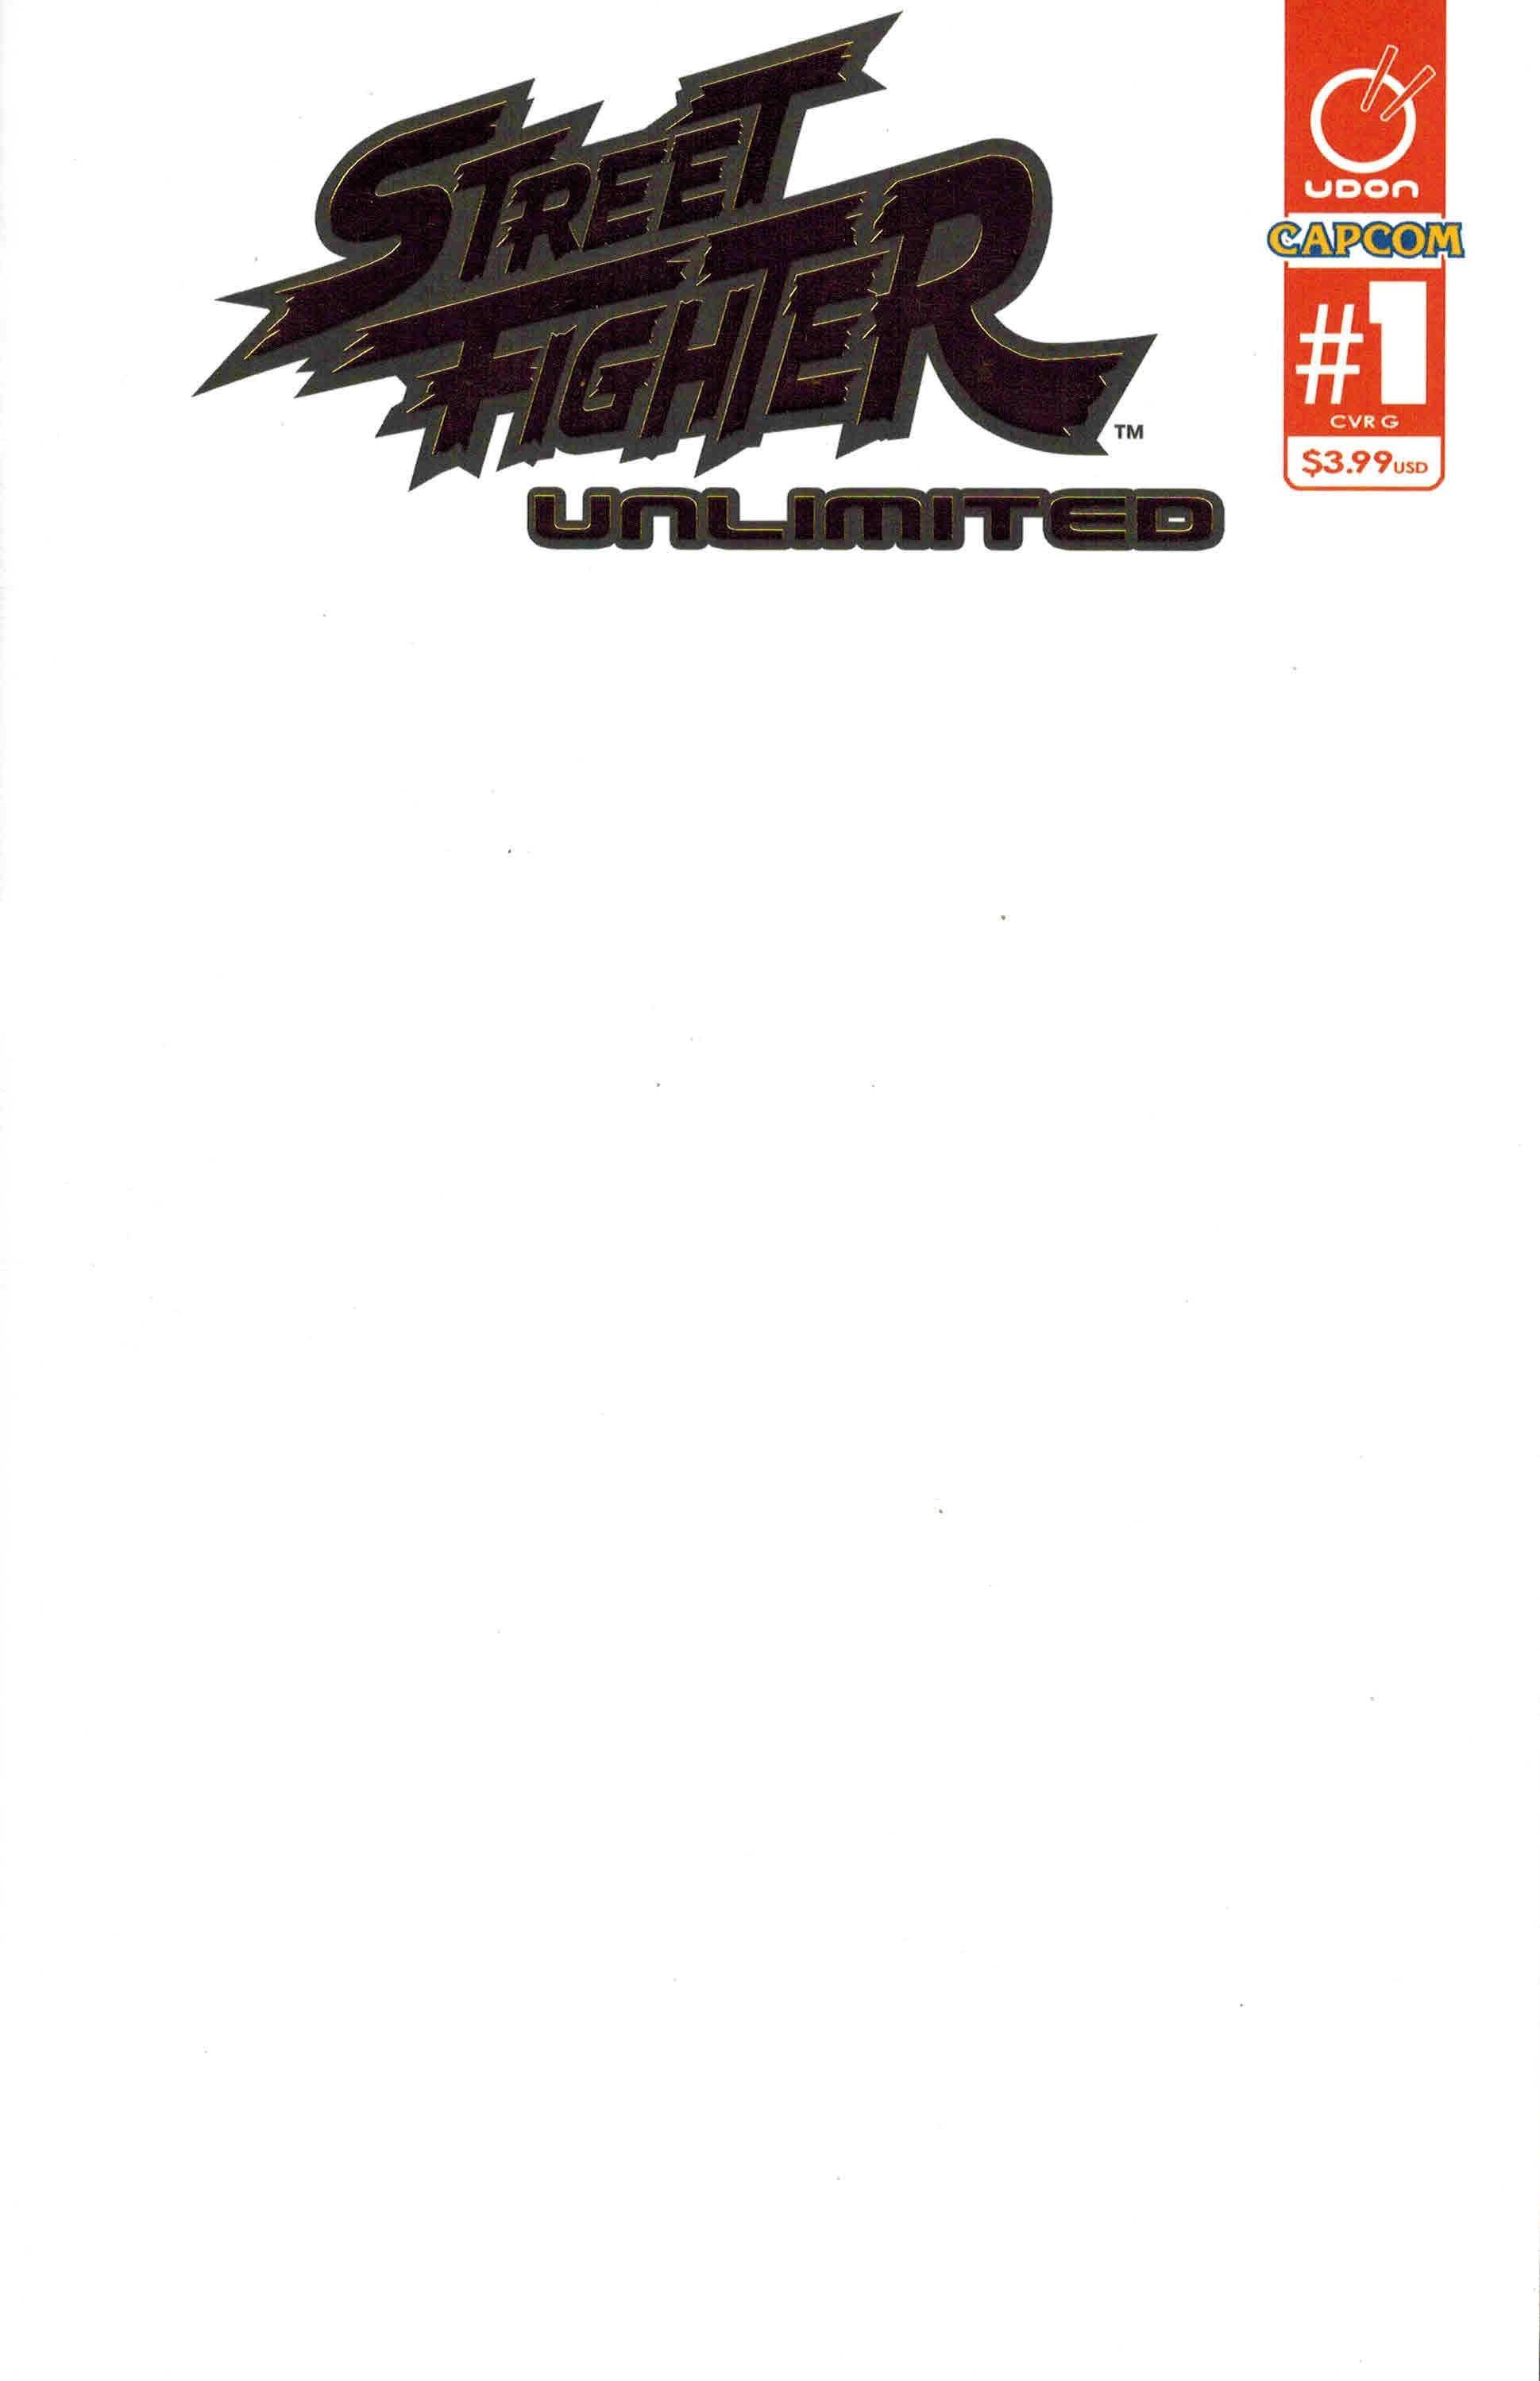 Street Fighter Unlimited 001 (December 2015) (cover G foil variant)